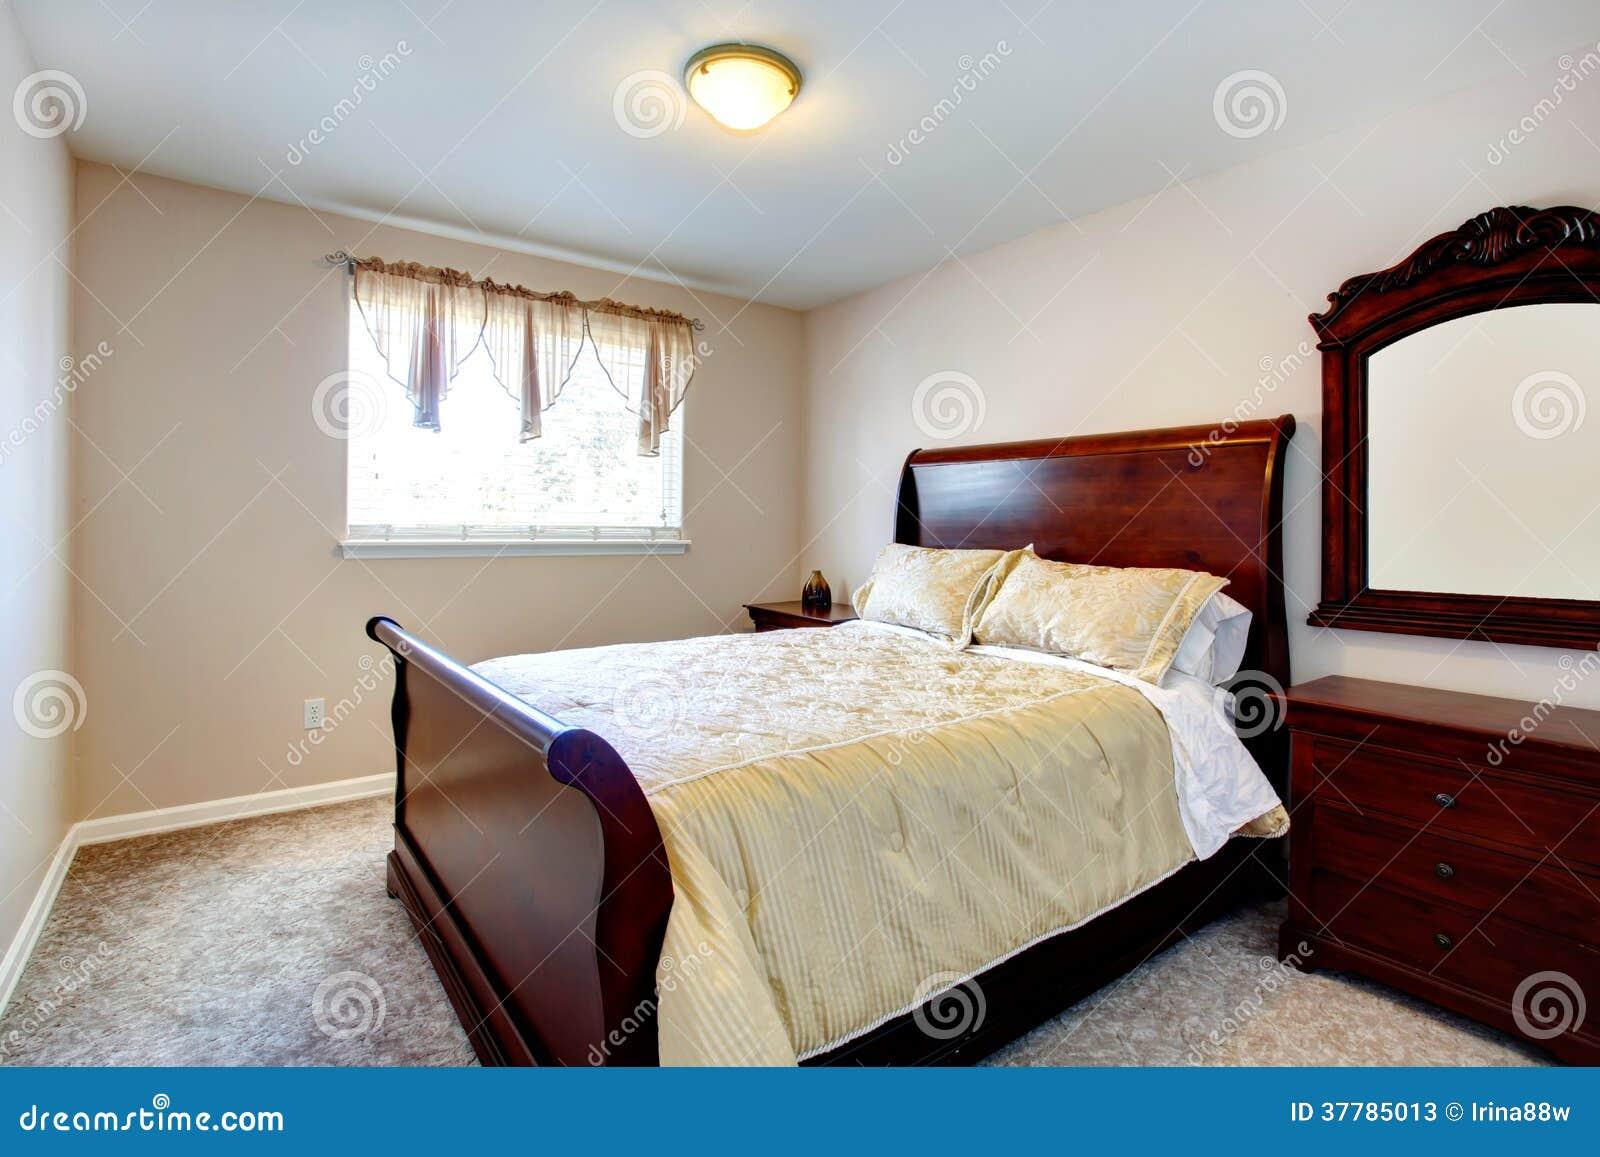 Rode slaapkamer ideen ~ [Spscents.com]